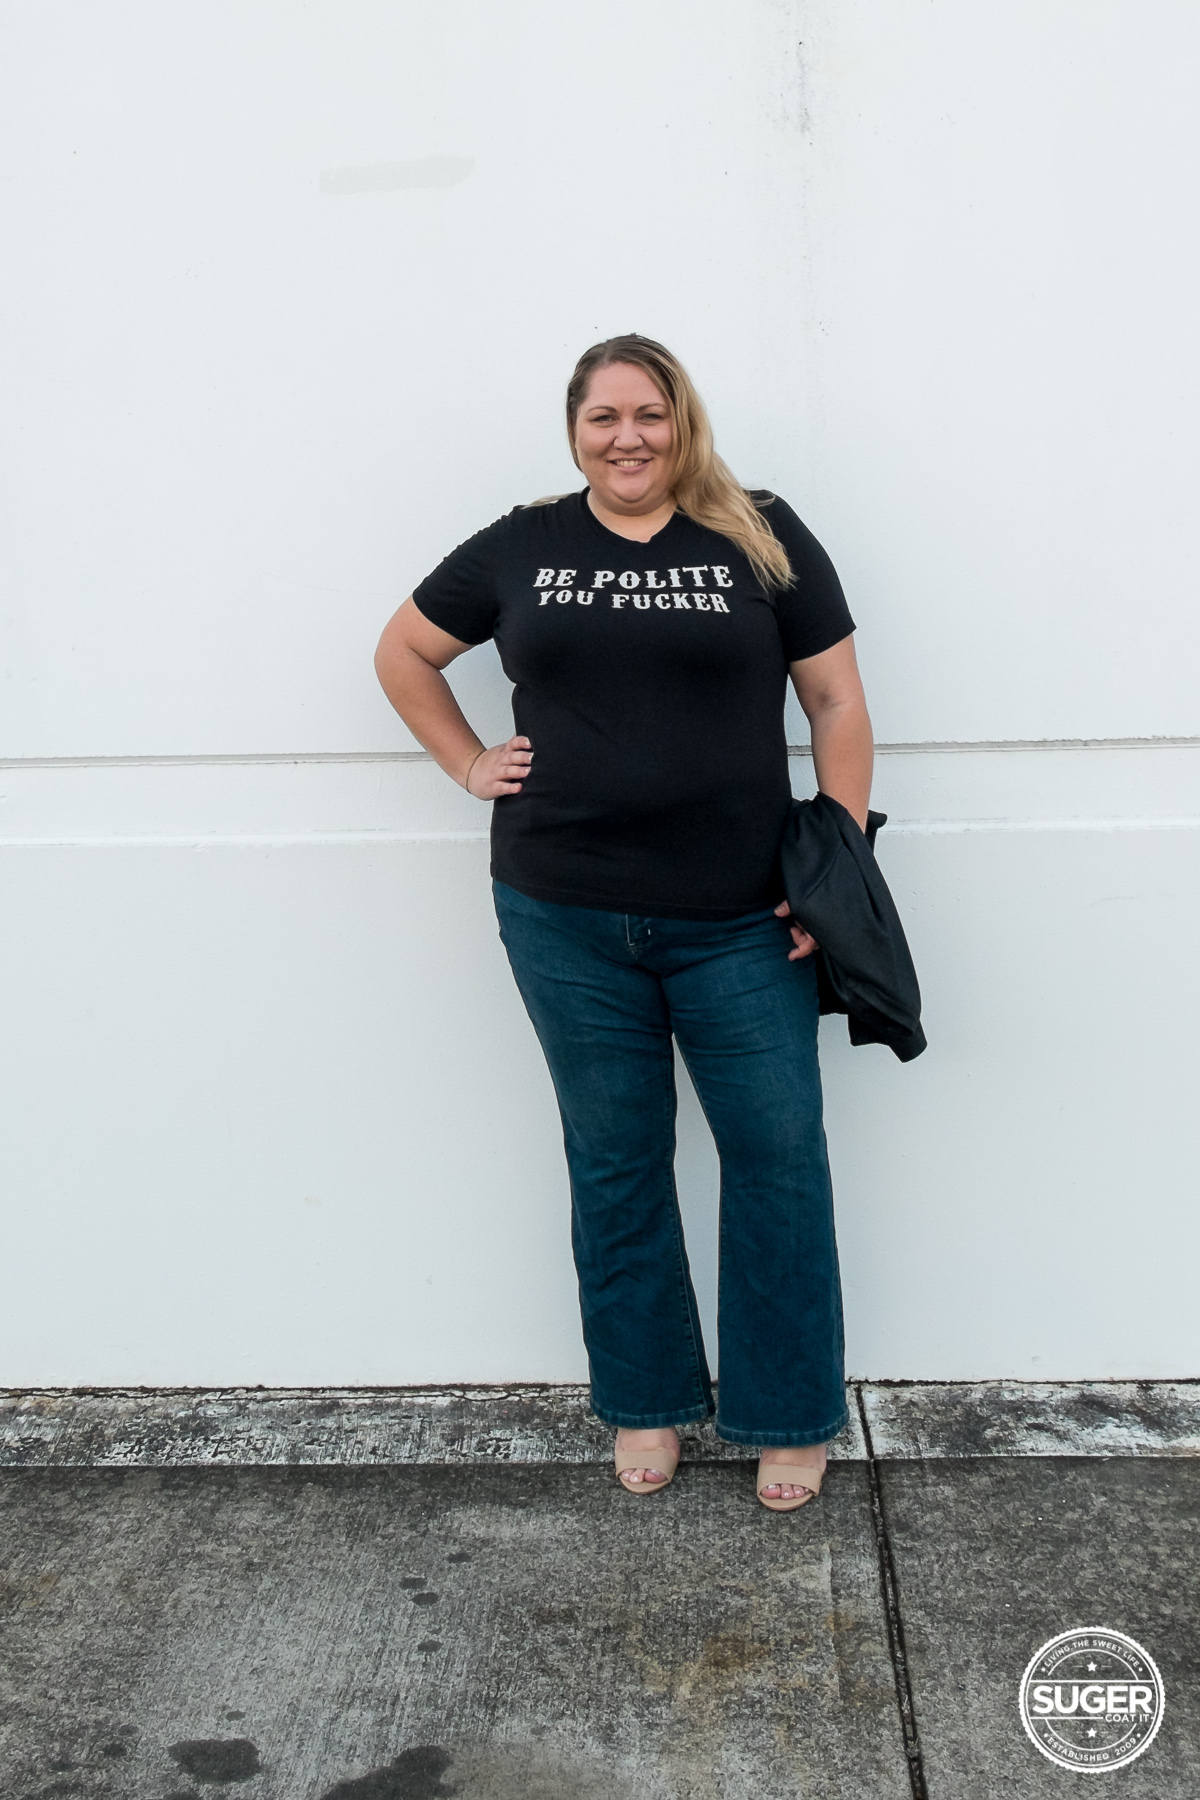 plus size jeans outfits australian plus fashion blogger-4